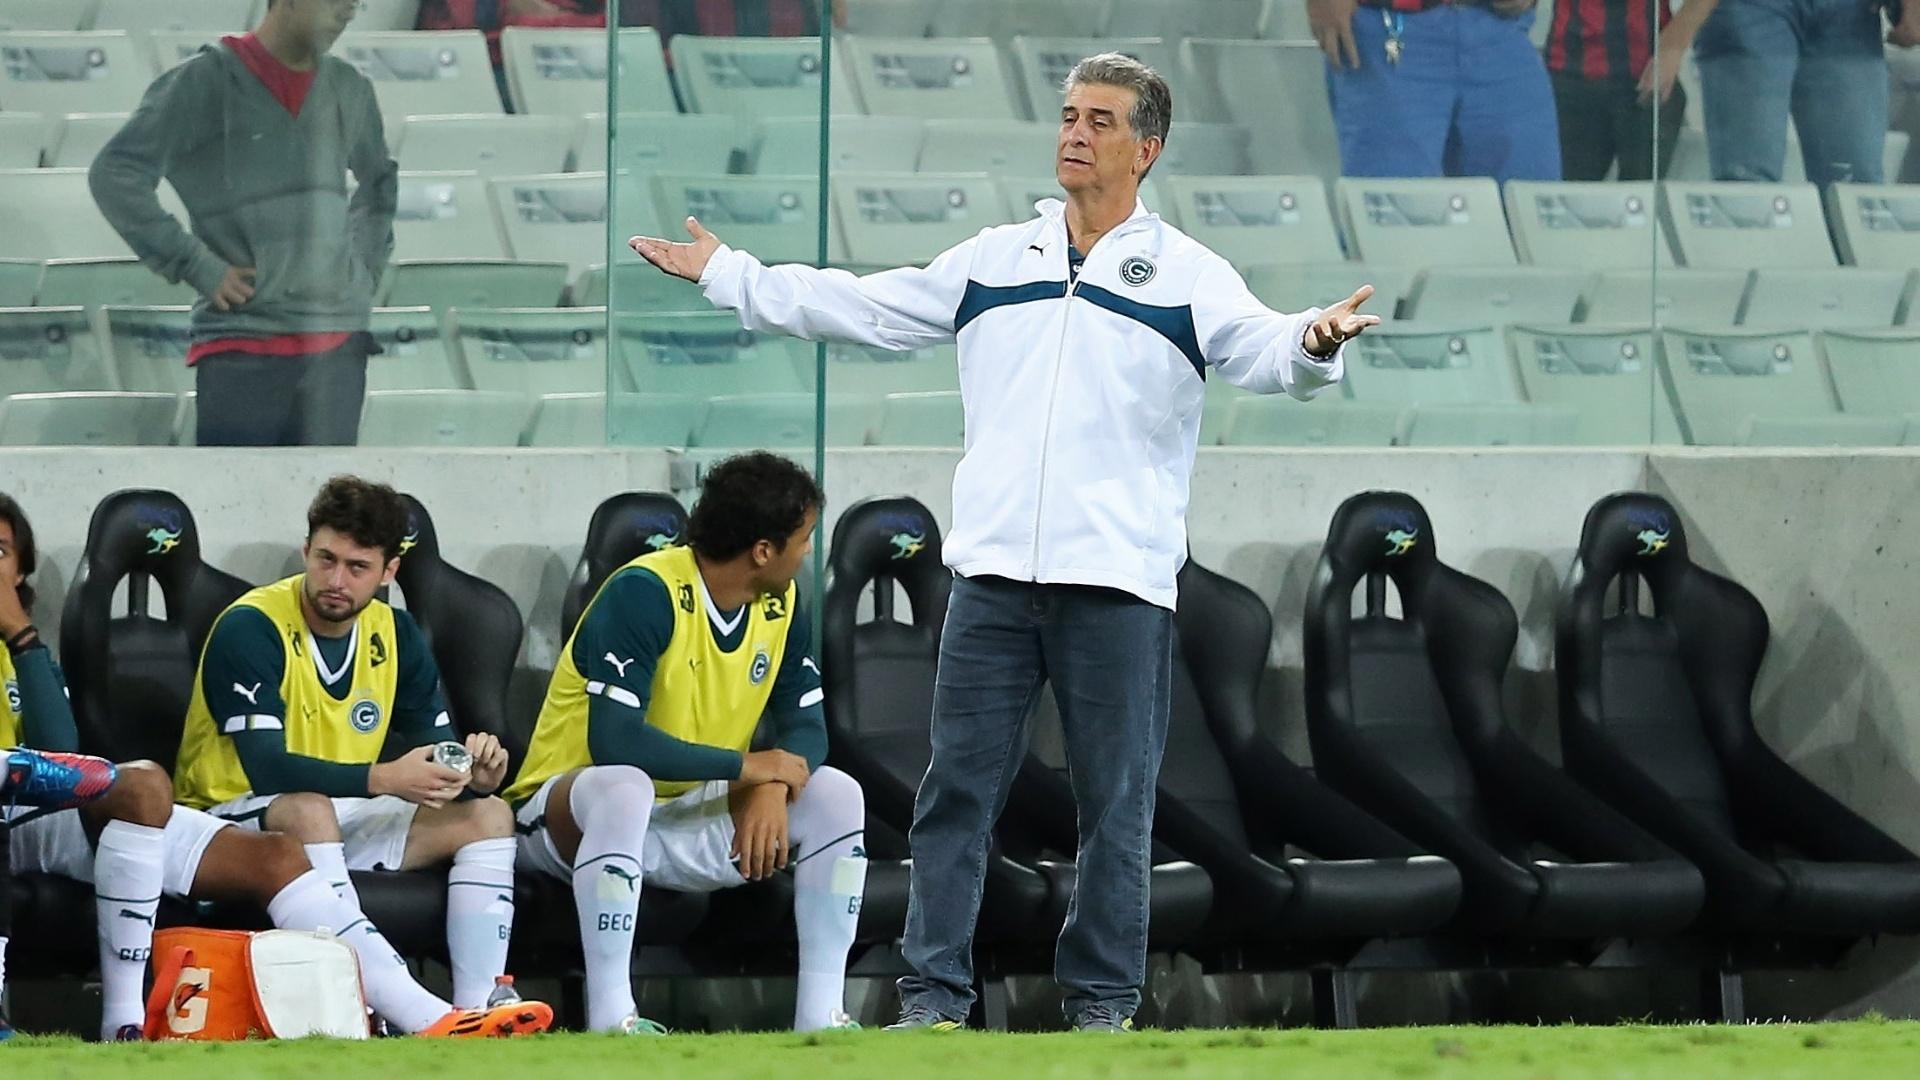 Técnico Ricardo Drubscky gesticula na beira do gramado em Curitiba